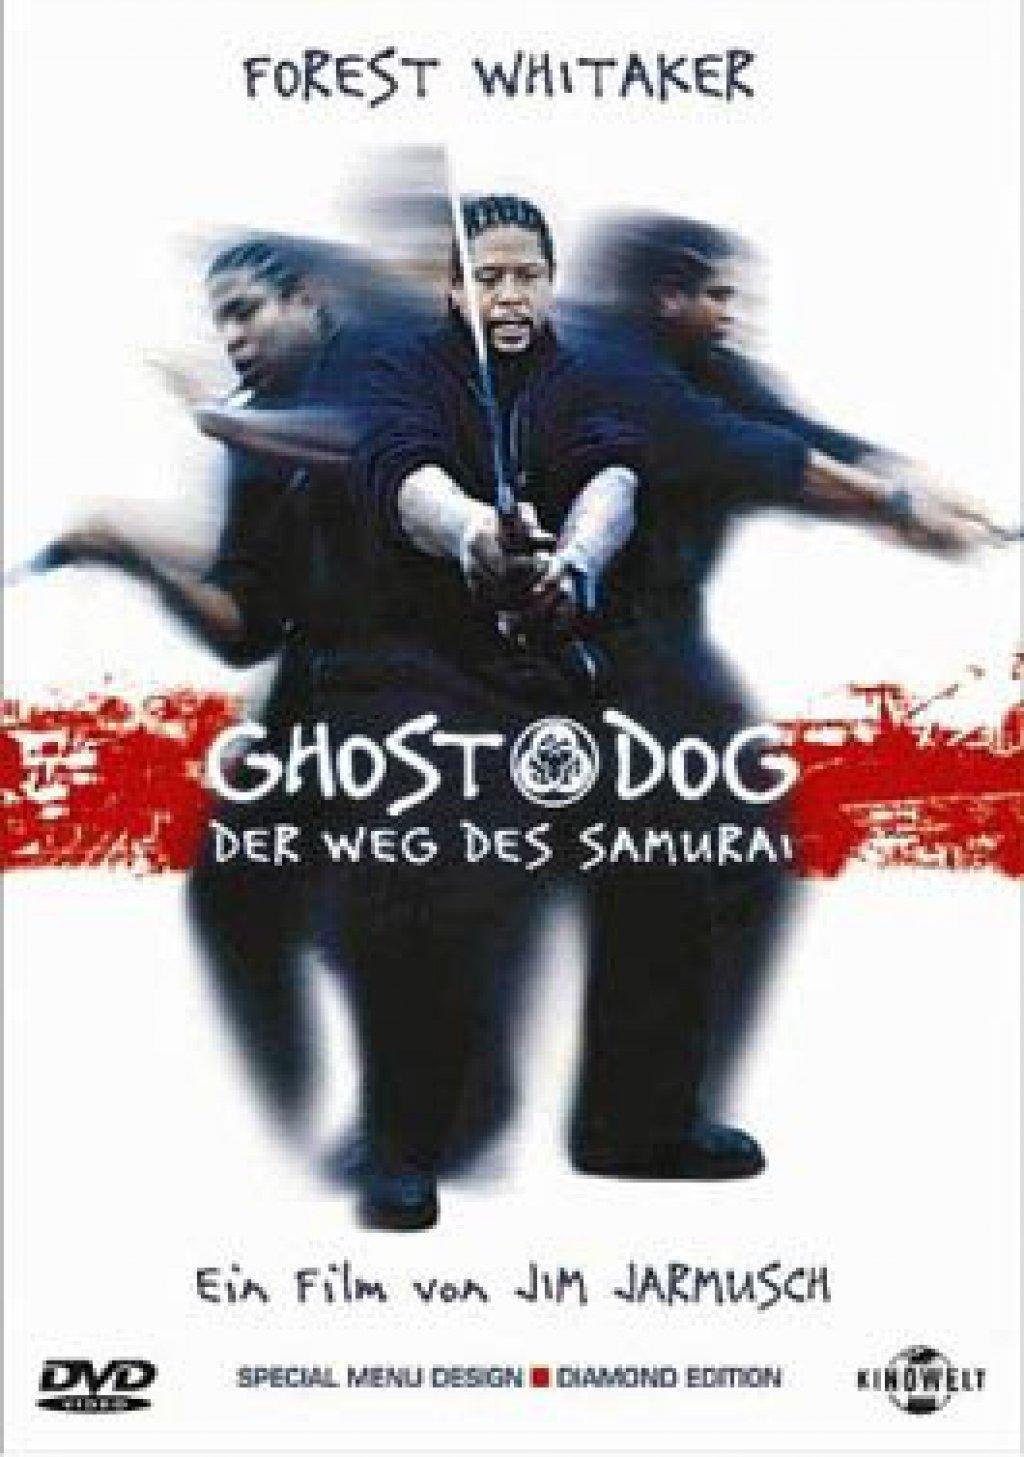 Ghost Dog - Der Weg des Samurai (DVD)